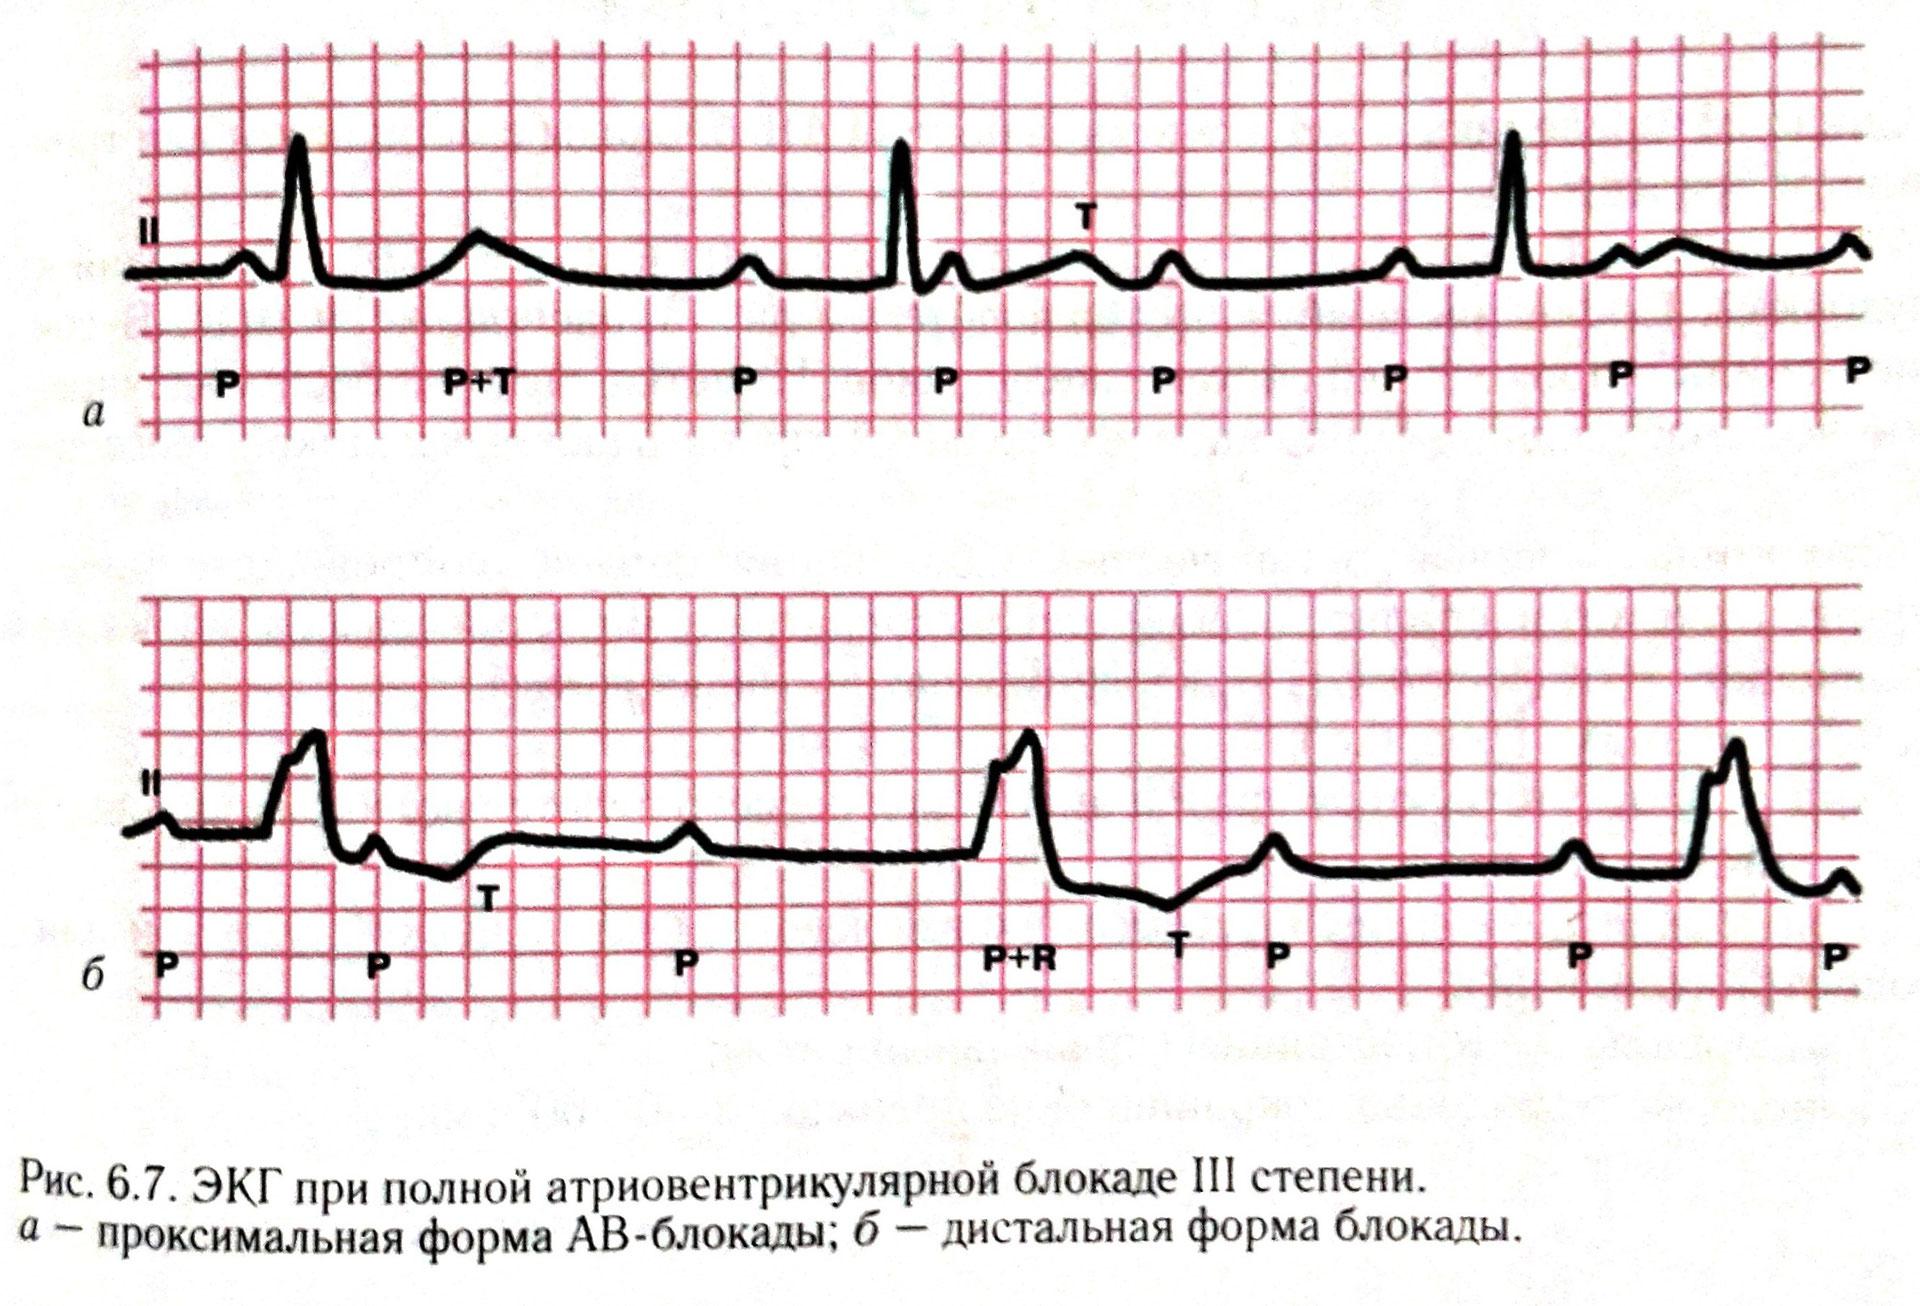 Ав-блокада (атриовентрикулярная): понятие, степени, чем грозит, лечение